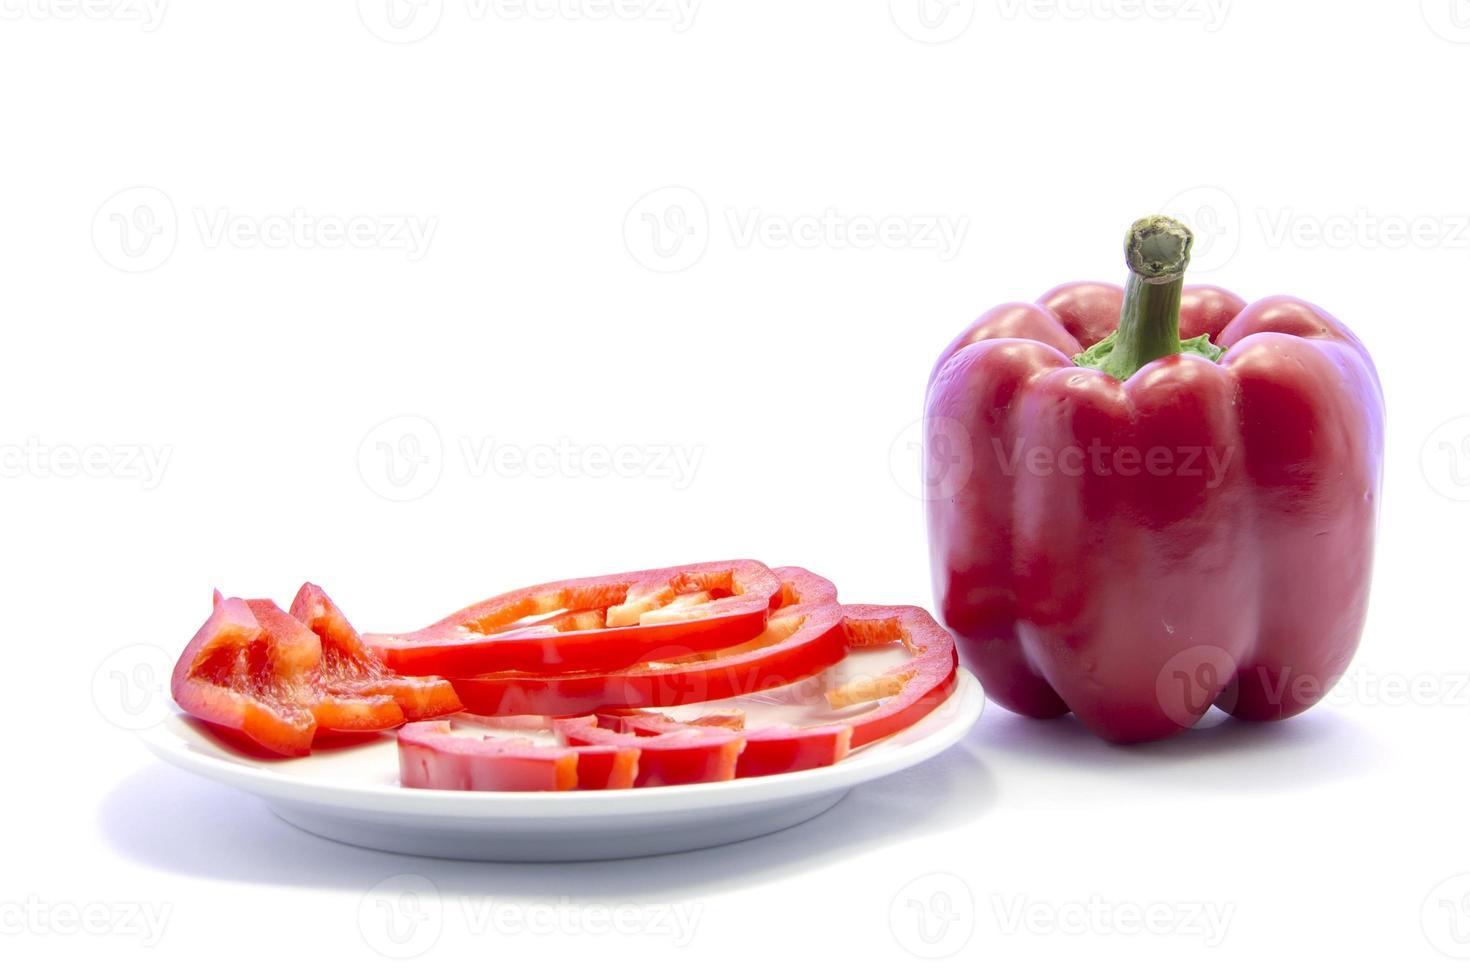 rode bel chili verschillende gesneden koken ingrediënt met rauwe mate foto